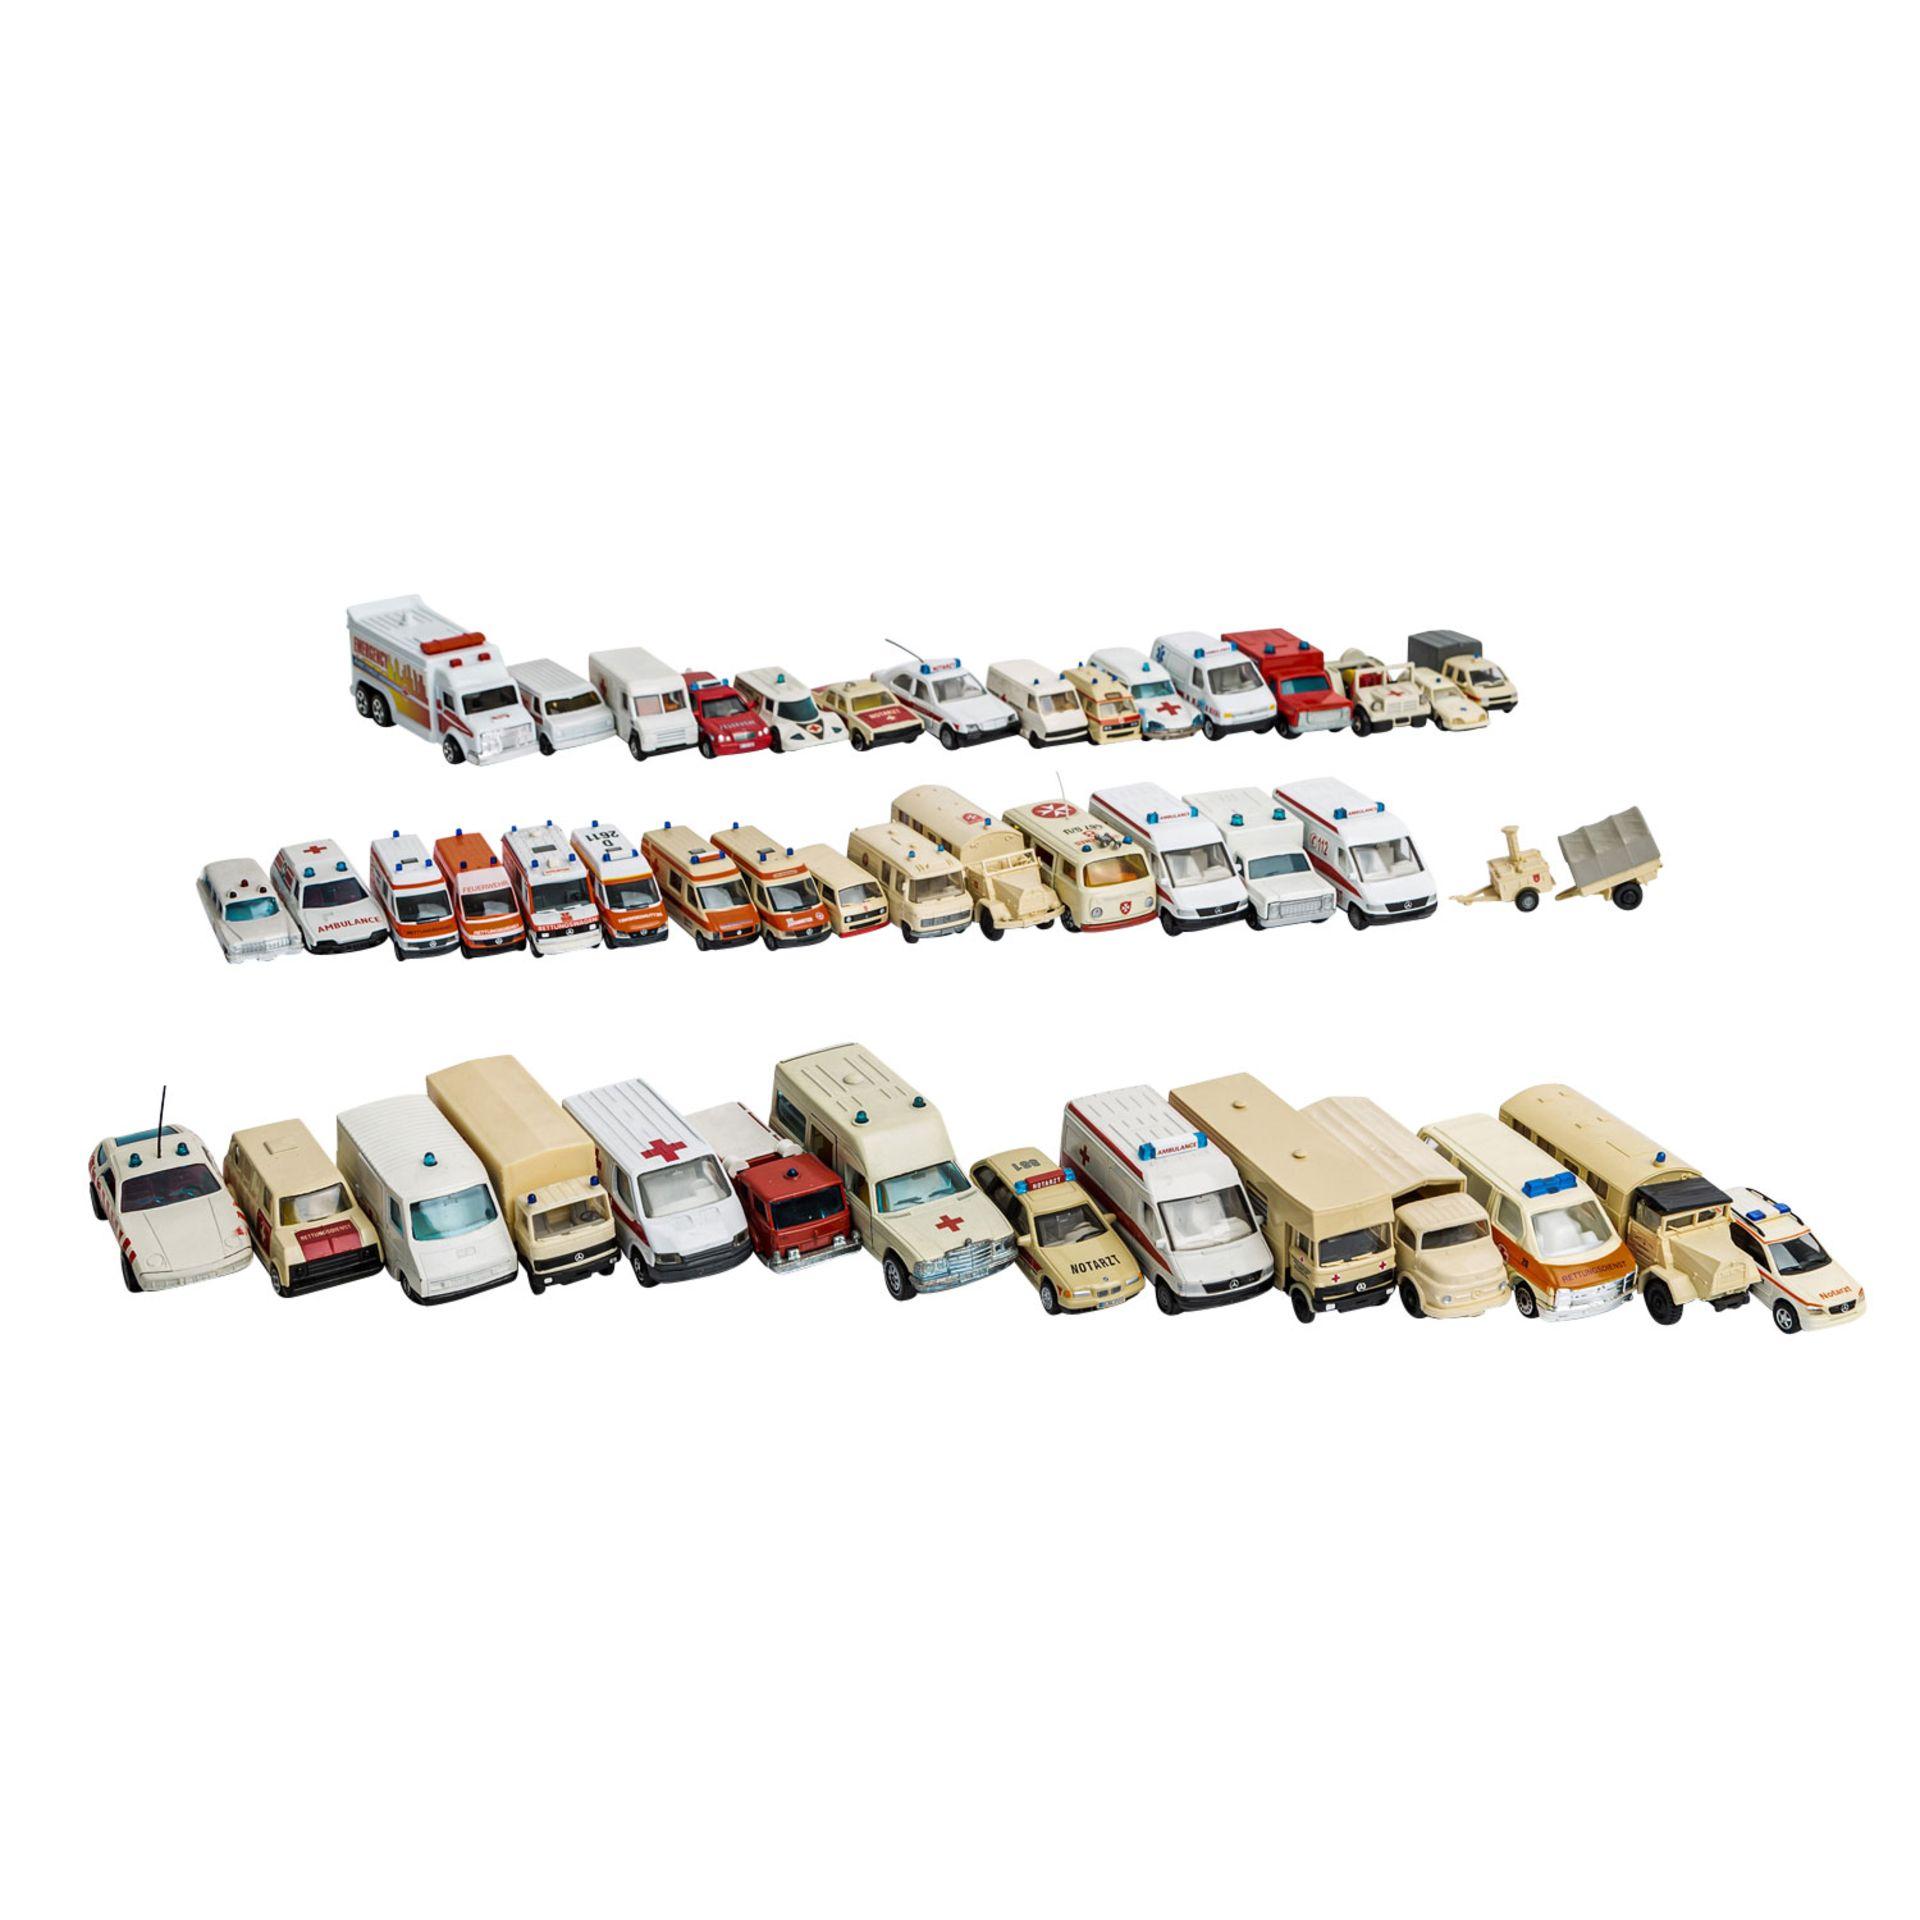 MATCHBOX/WIKING/HERPA u.v.a. Konvolut von ca. 100 Rettungsdienst-Modellfahrzeugen im Maßstab 1:87 bi - Image 7 of 7